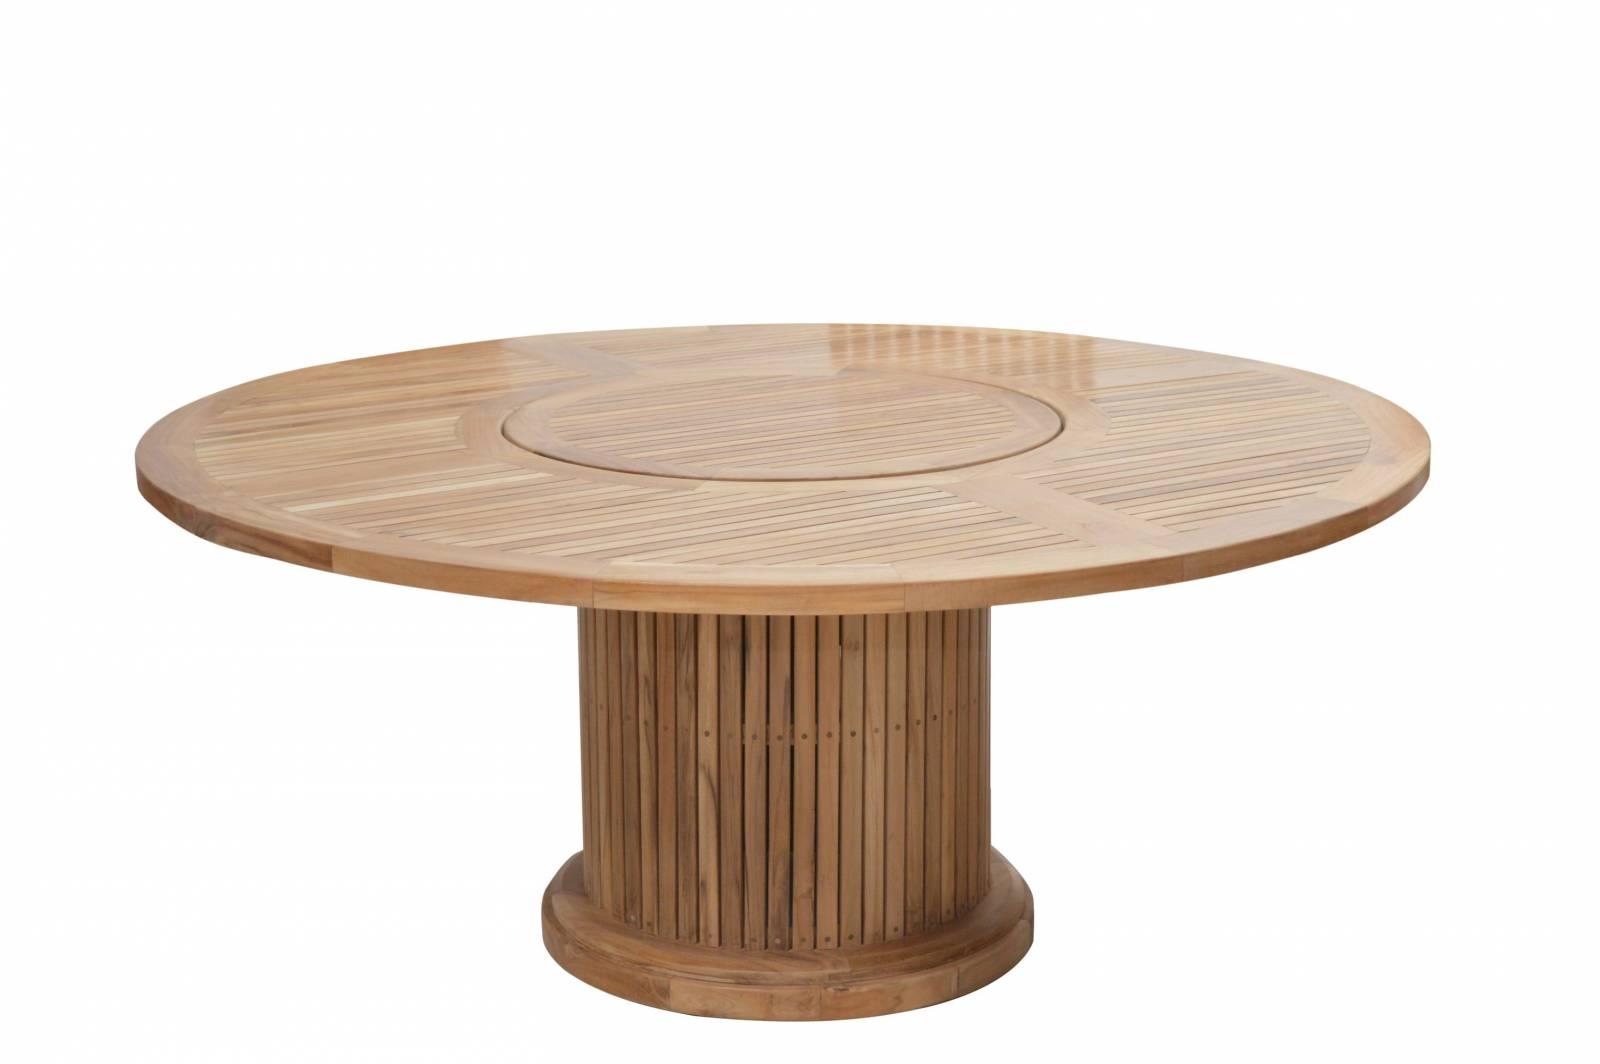 Ploß Teak-Tisch PHOENIX rund Ø 160 cm günstig online kaufen